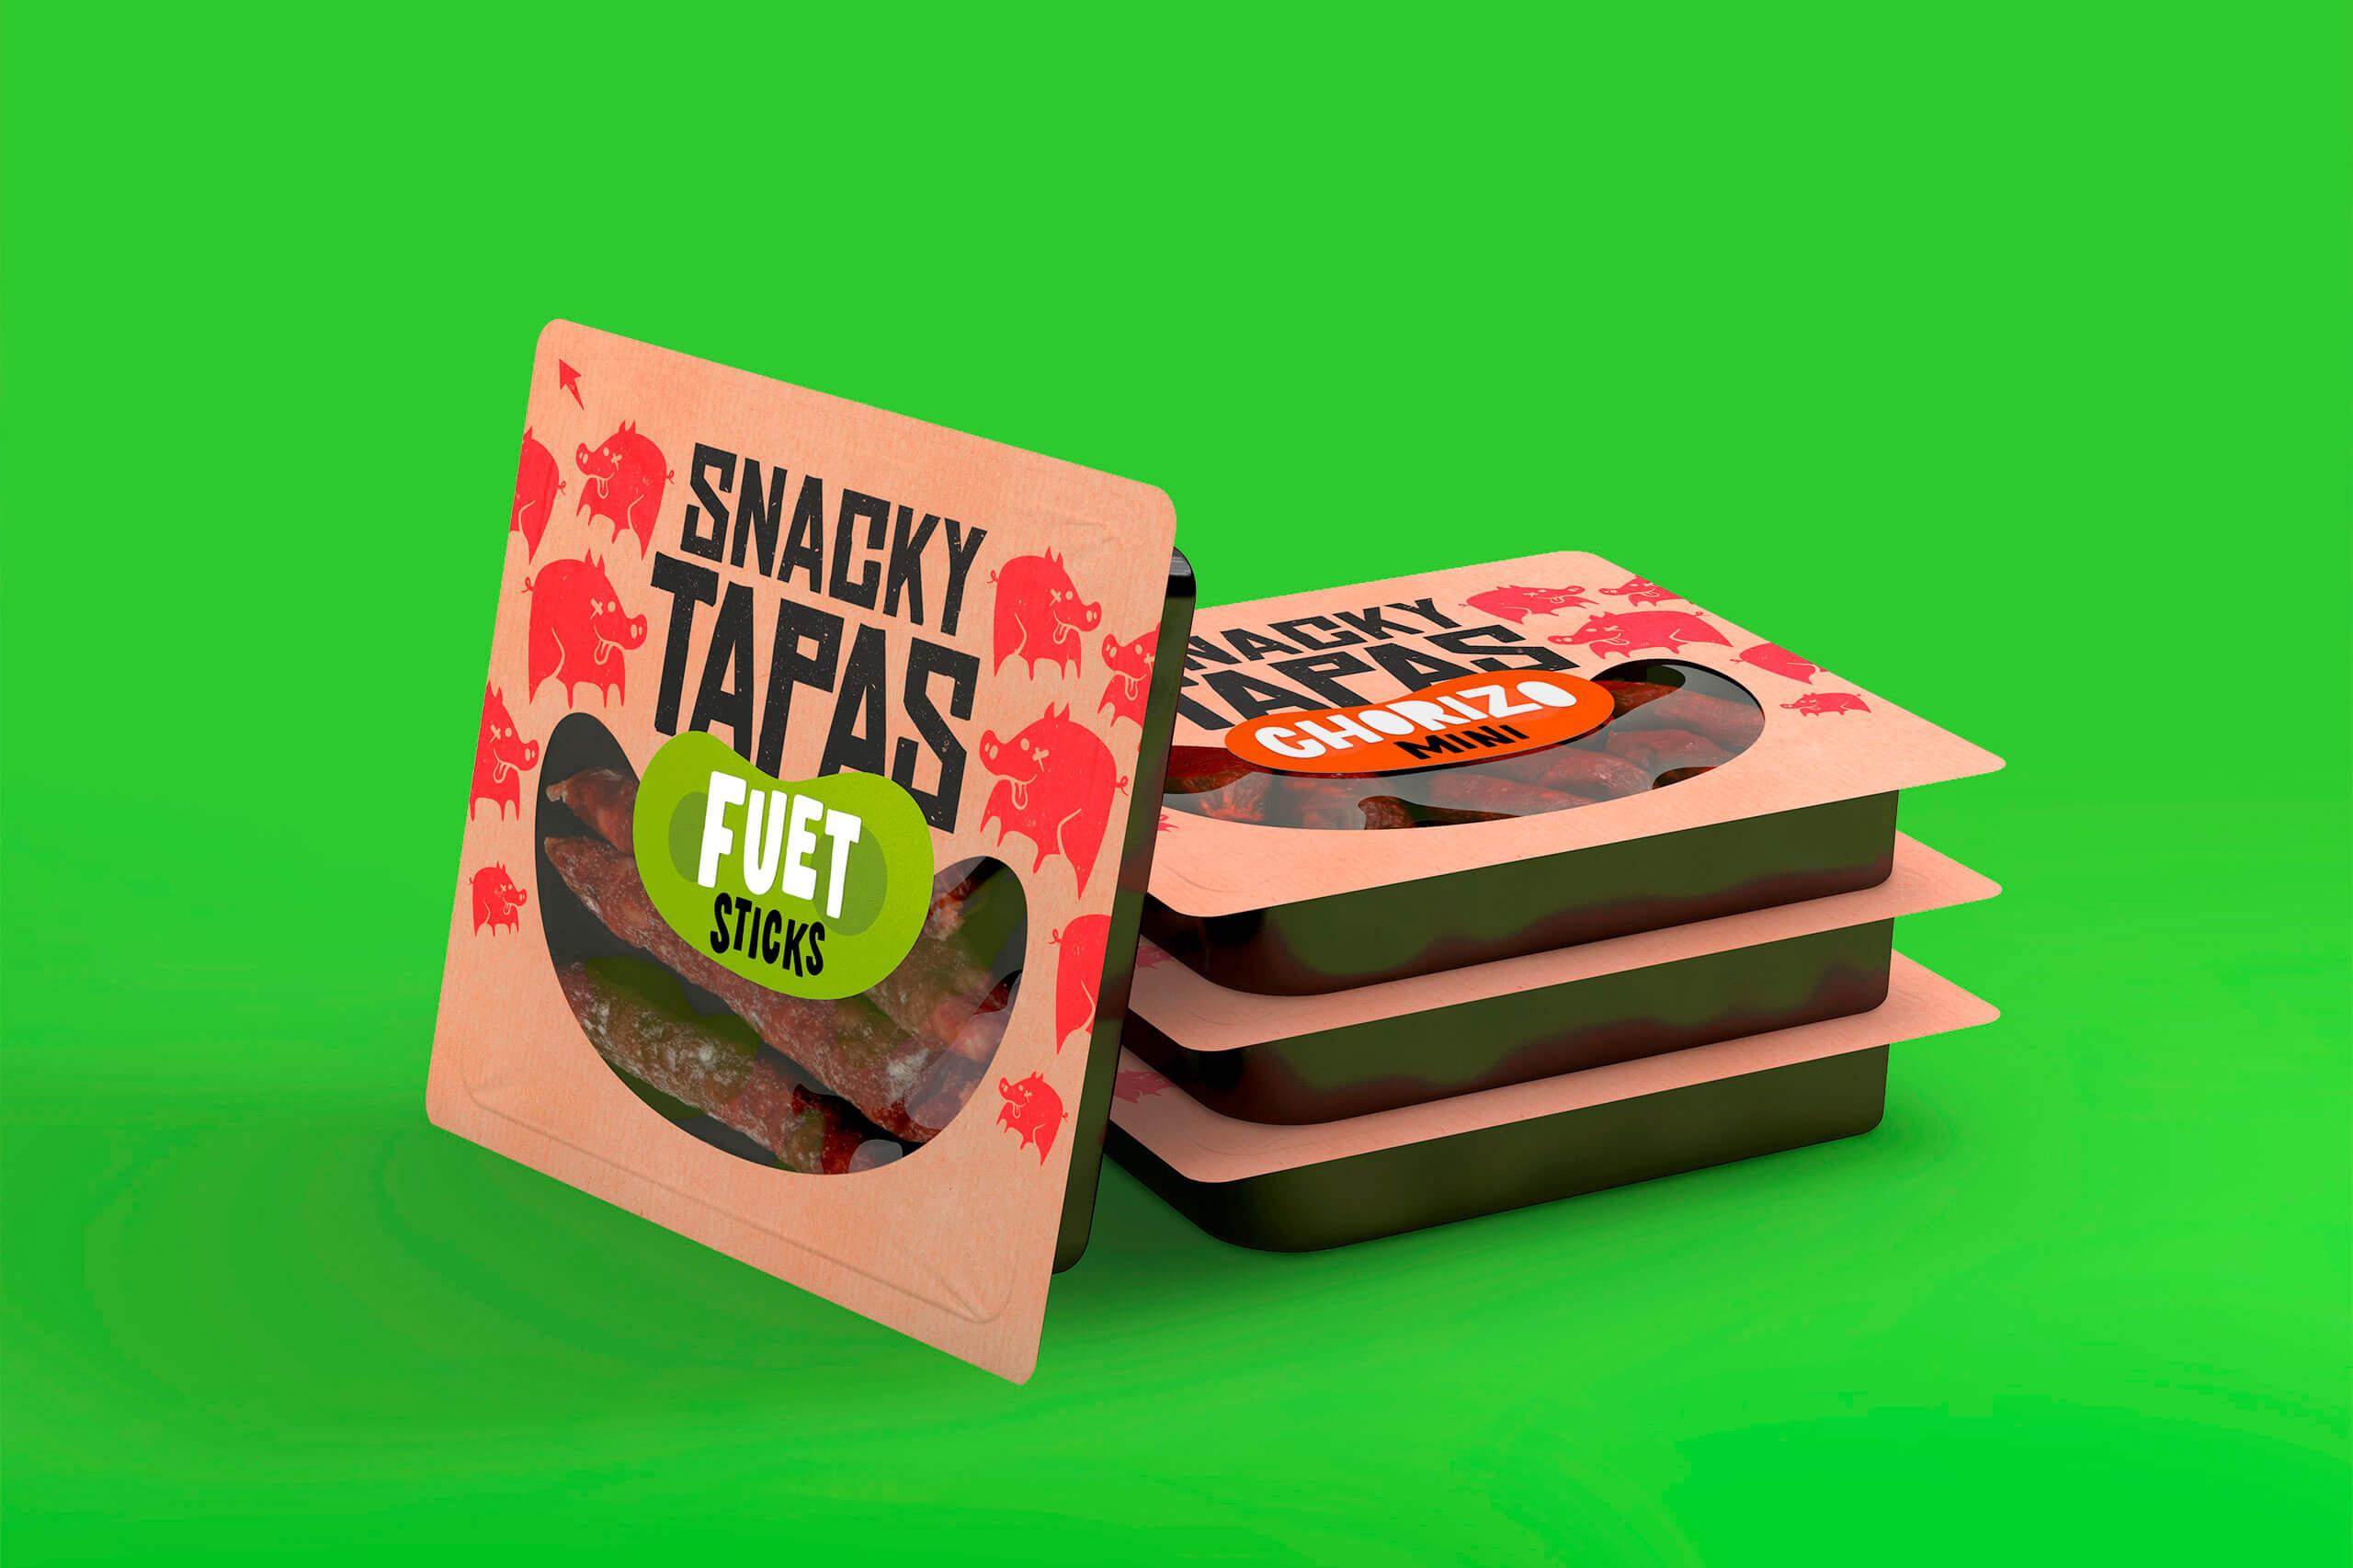 Packaging Alimentación Snacky Tapas Can Calet Embutidos Vibranding